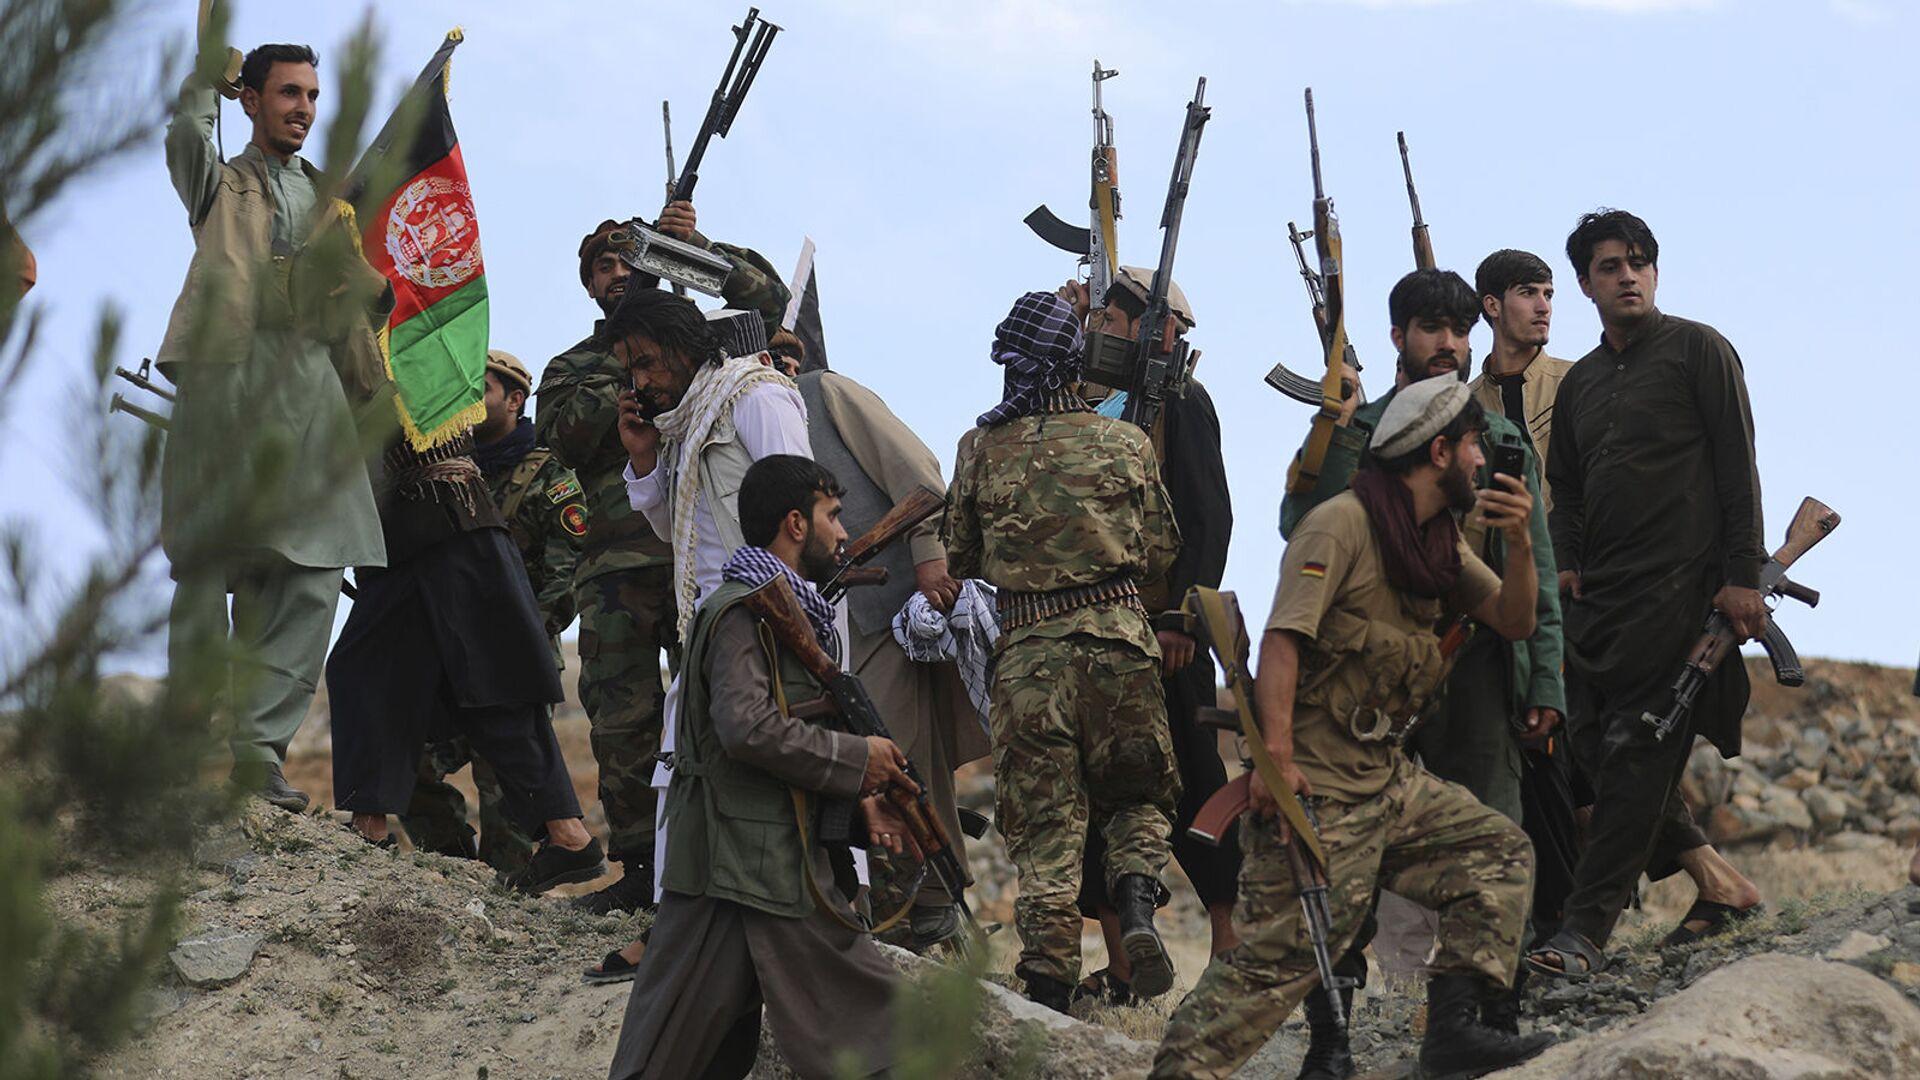 Афганские ополченцы присоединяются к силам обороны и безопасности Афганистана во время собрания в Кабуле (23 июня 2021). Афганистан - Sputnik Արմենիա, 1920, 11.08.2021